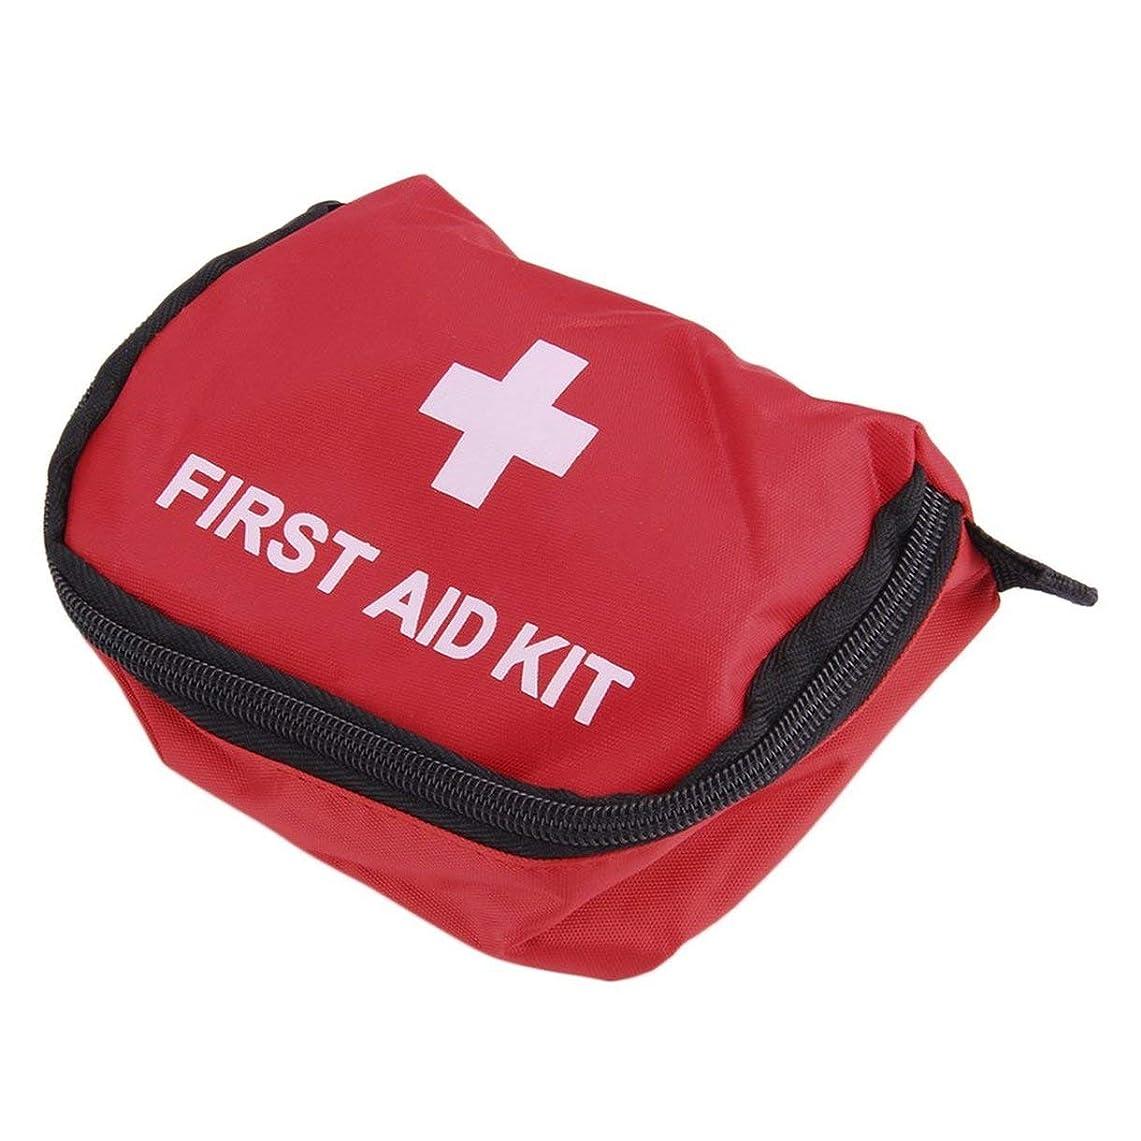 アナリストふくろうによると応急処置キット0.7Lレッドキャンプ緊急サバイバルバッグ包帯薬防水-赤